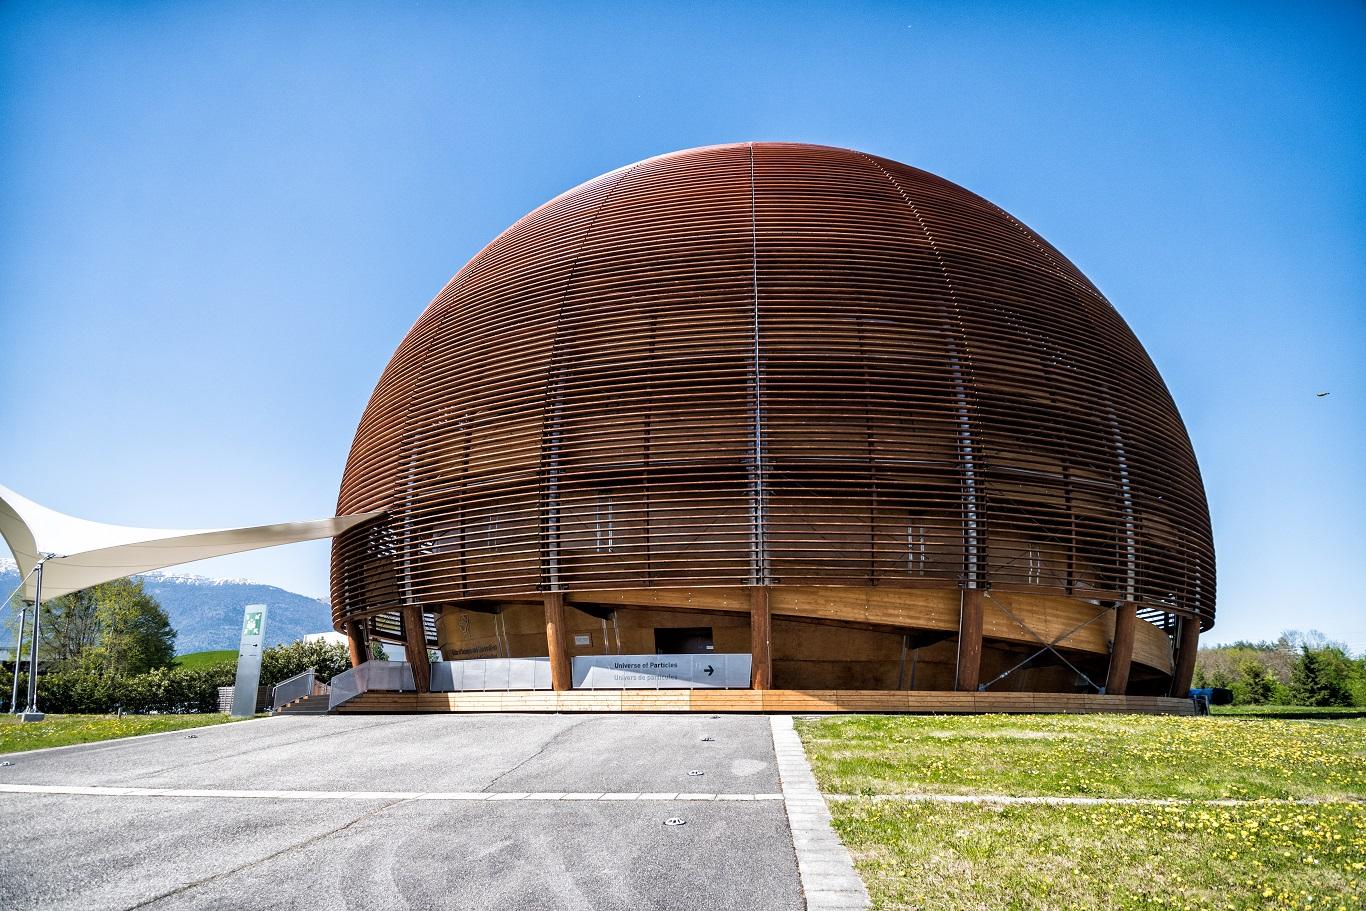 Магия науки. Как ЦЕРН путешествует во времени и попутно создает инноваци...